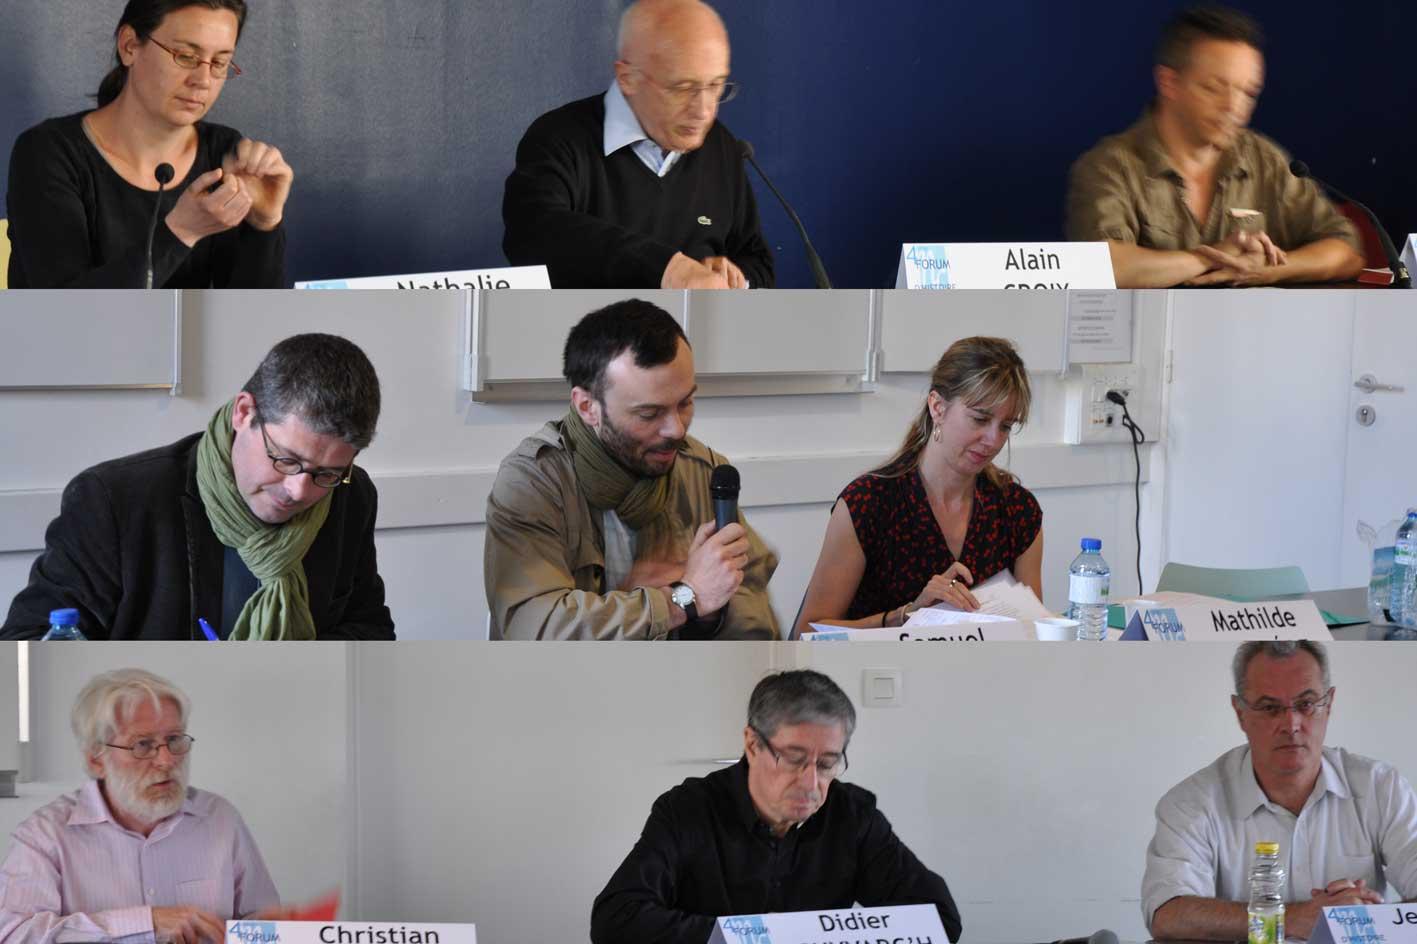 Nathalie Barré, Alain Croix, Christophe Patillon, Goulven Boudic, Samuel Guicheteau, Mathilde Larrère, Christian Bougeard, Didier Guyvarc'h, Jean-Pierre Le Crom